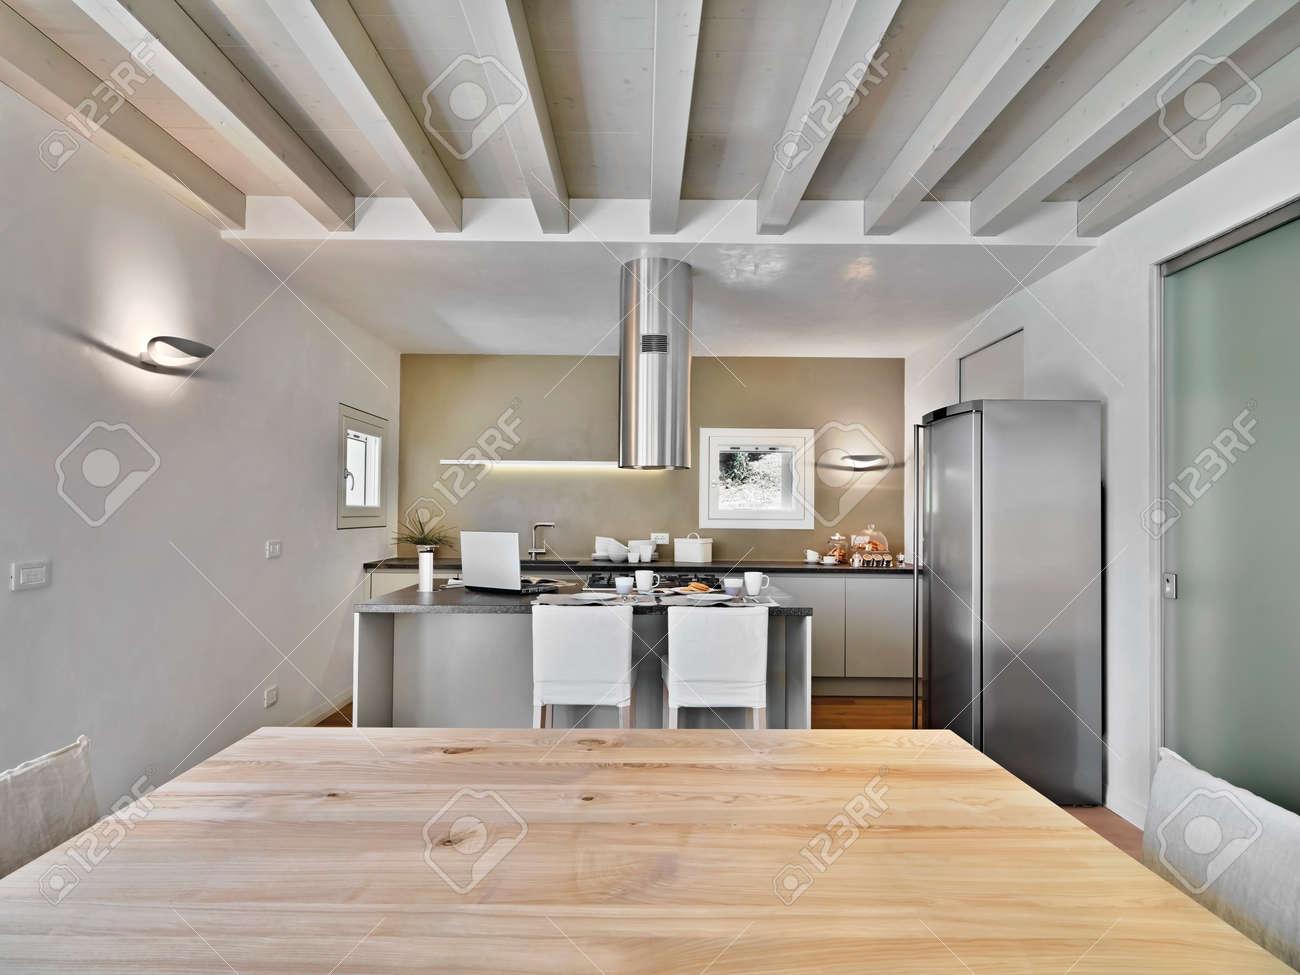 Vue de l'intérieur d'une cuisine moderne avec plafond en bois et ...